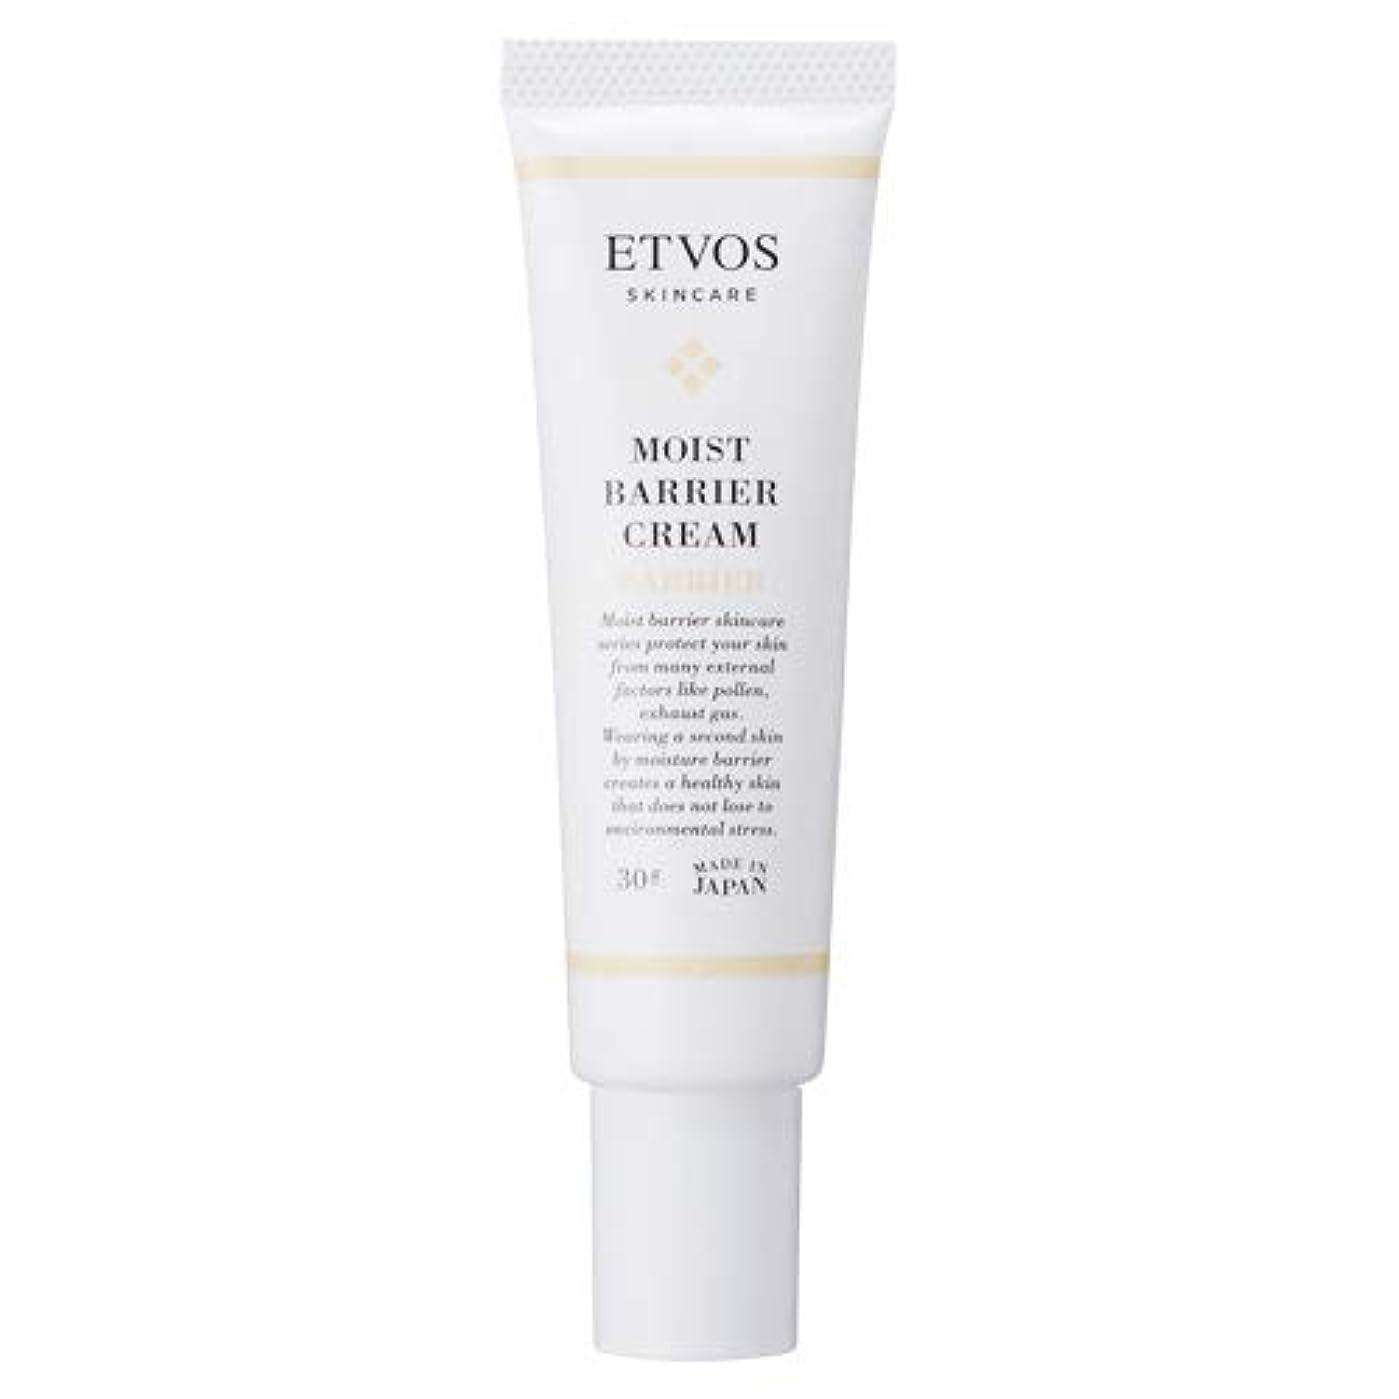 シェードアームストロング上回るETVOS(エトヴォス) 皮膚保護クリーム モイストバリアクリーム 30g 肌荒れ/敏感肌 花粉/PM2.5/ハウスダスト